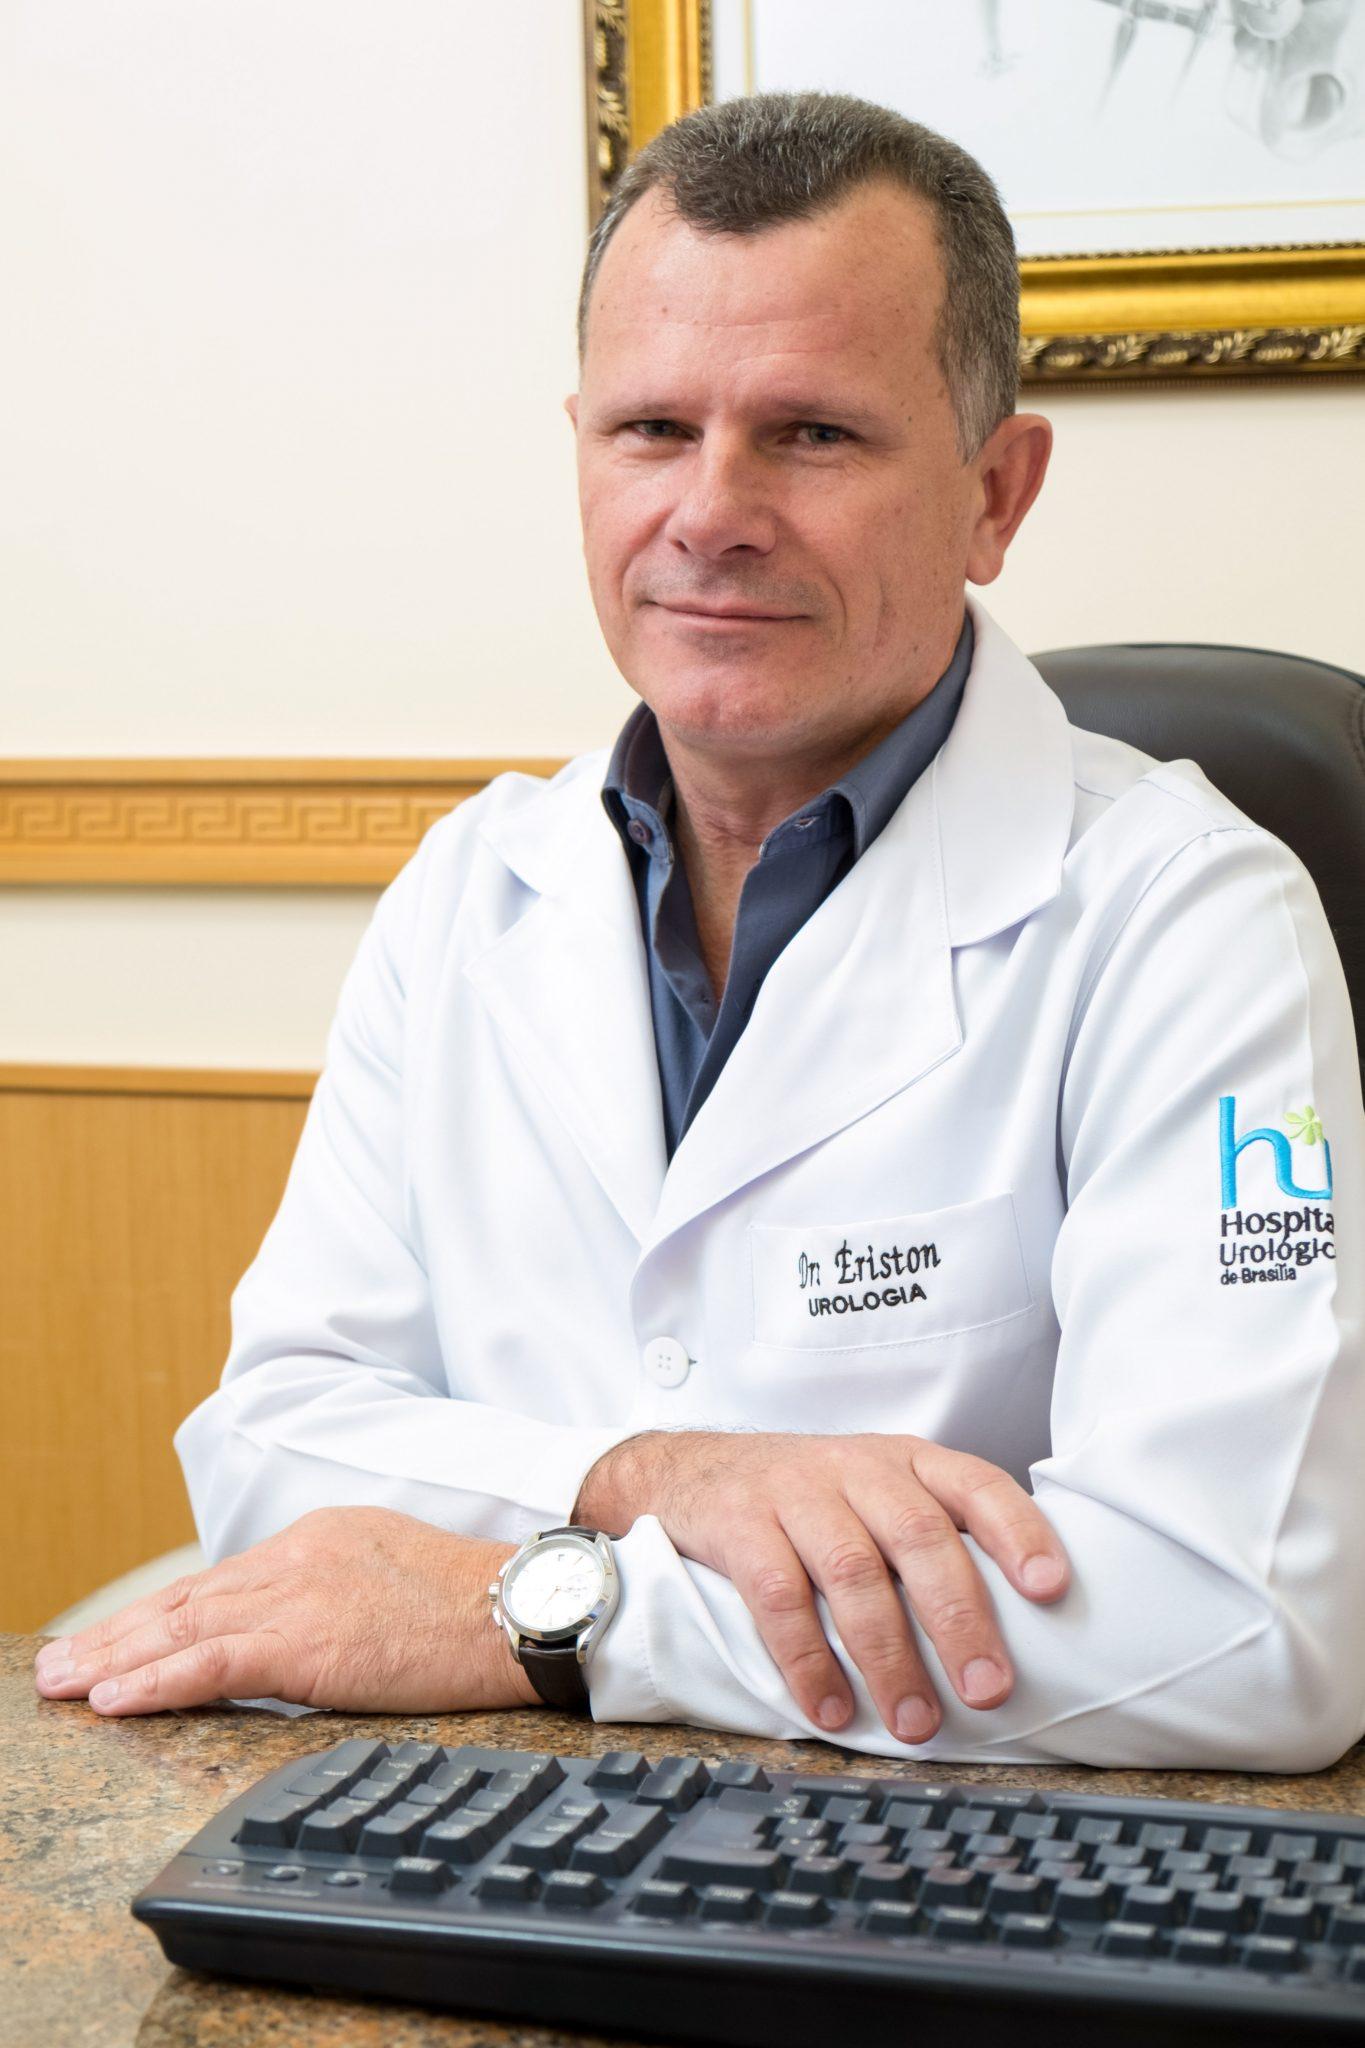 Dr. Eriston